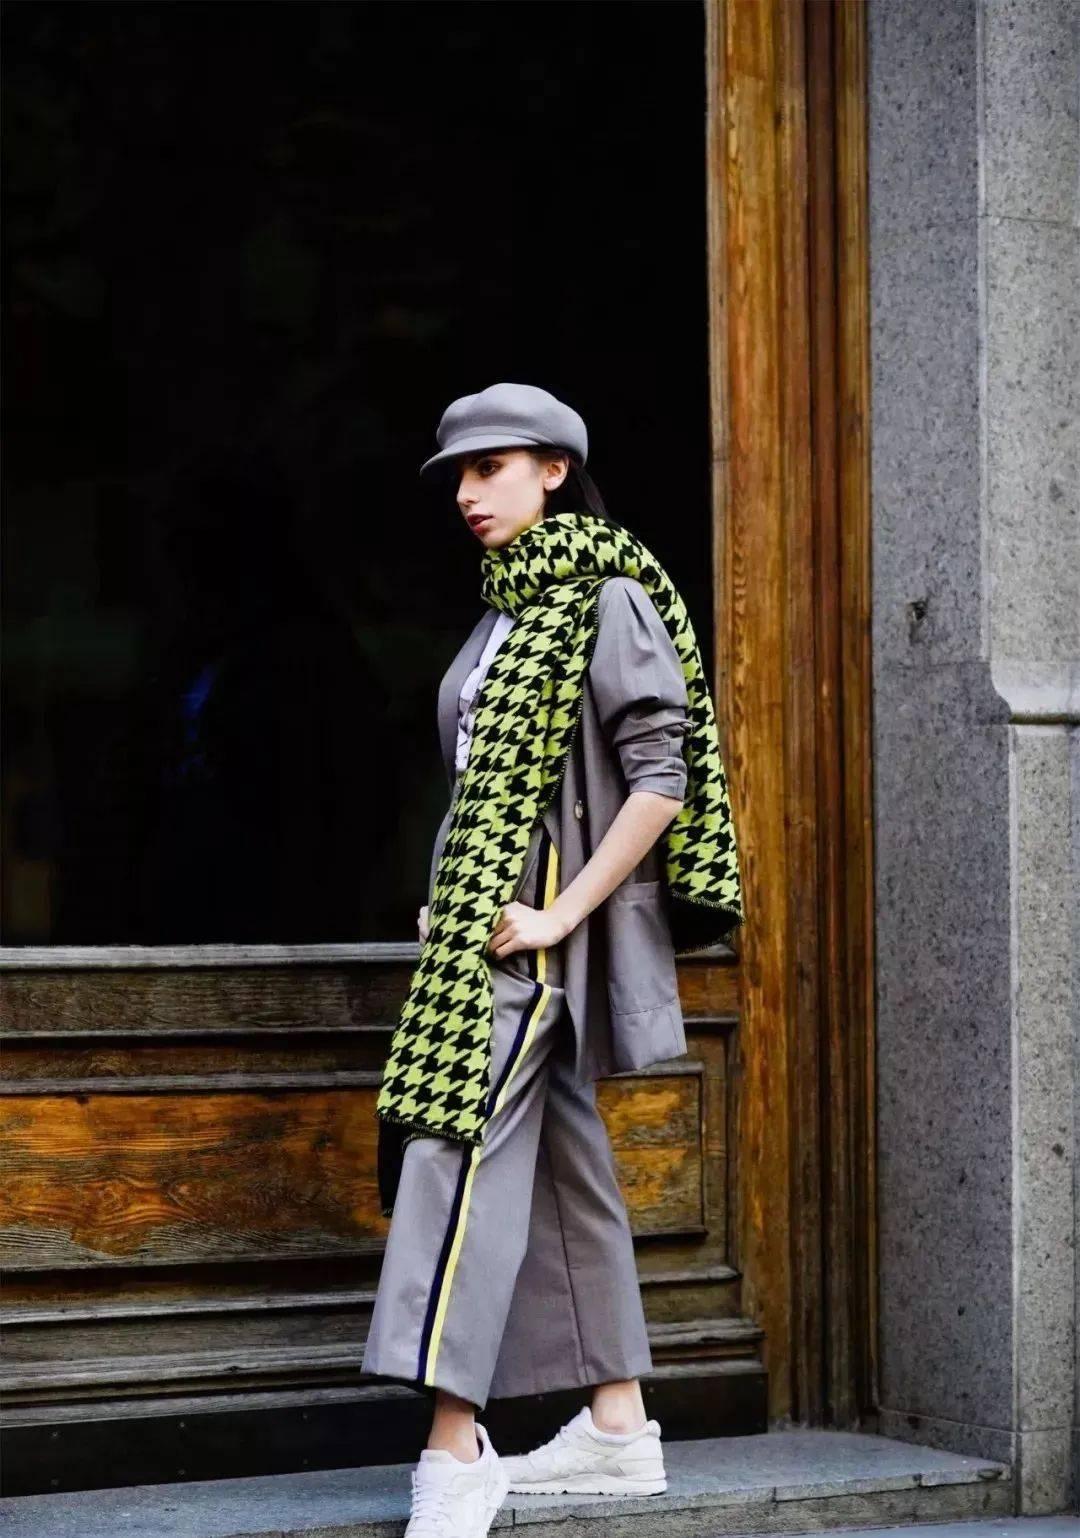 帽子+围巾,温暖又有范儿